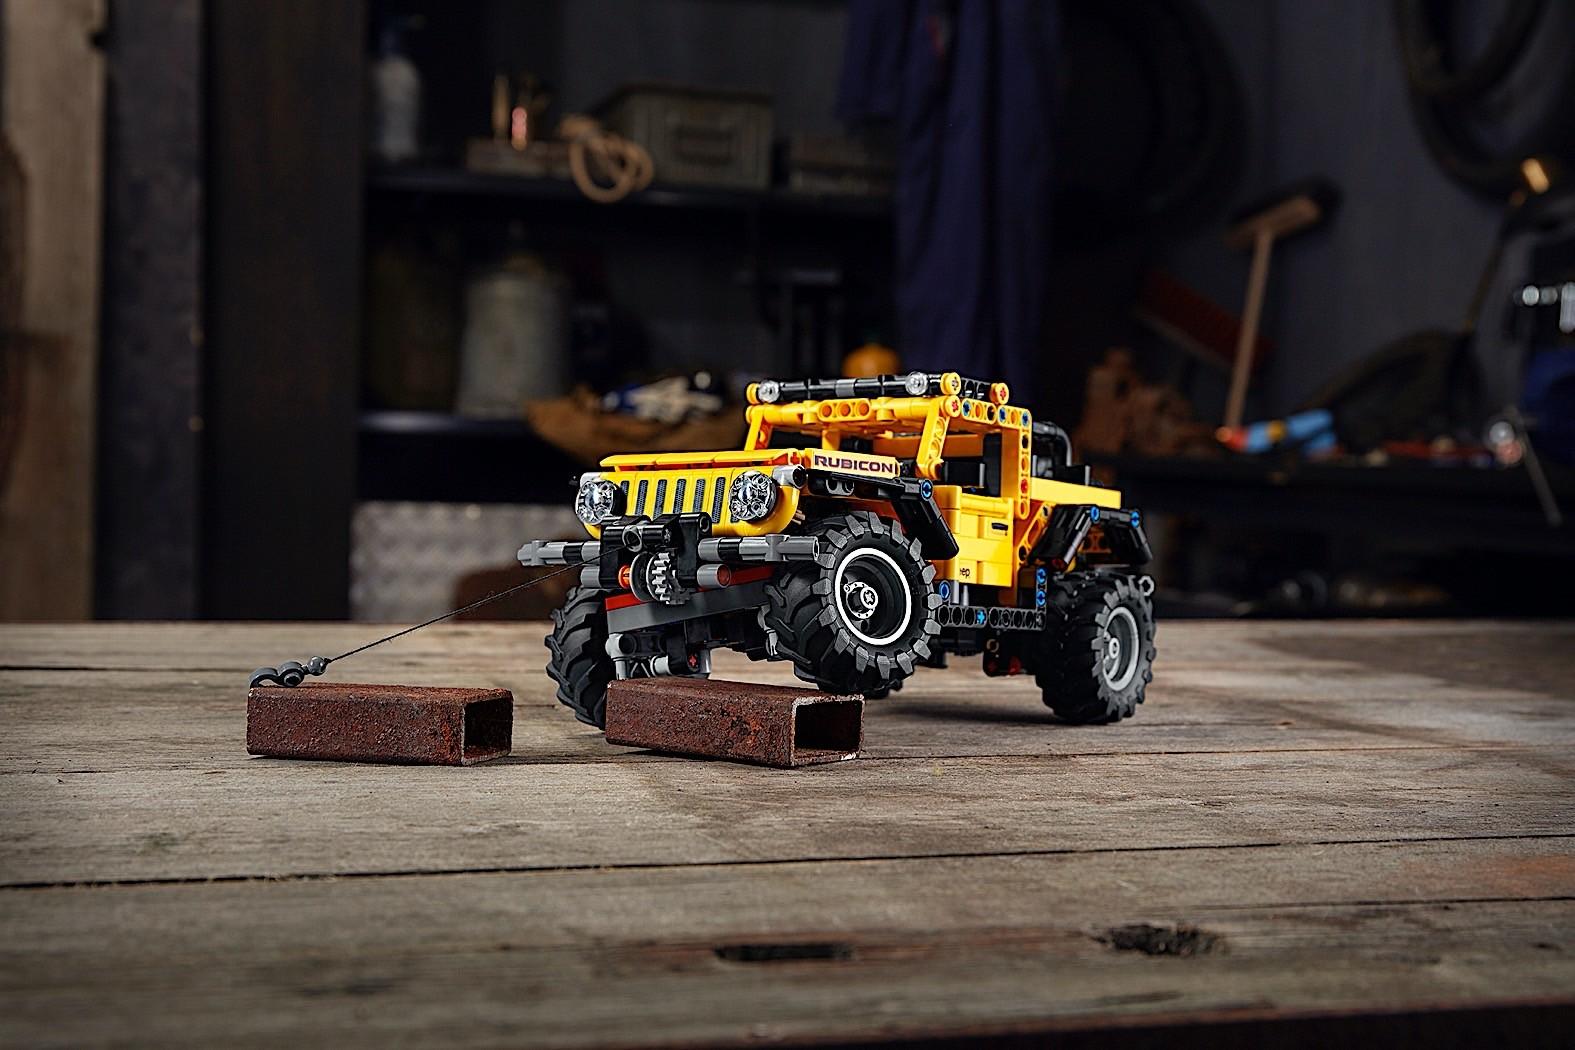 Lego-Technic-Jeep-Wrangler-Rubicon-1